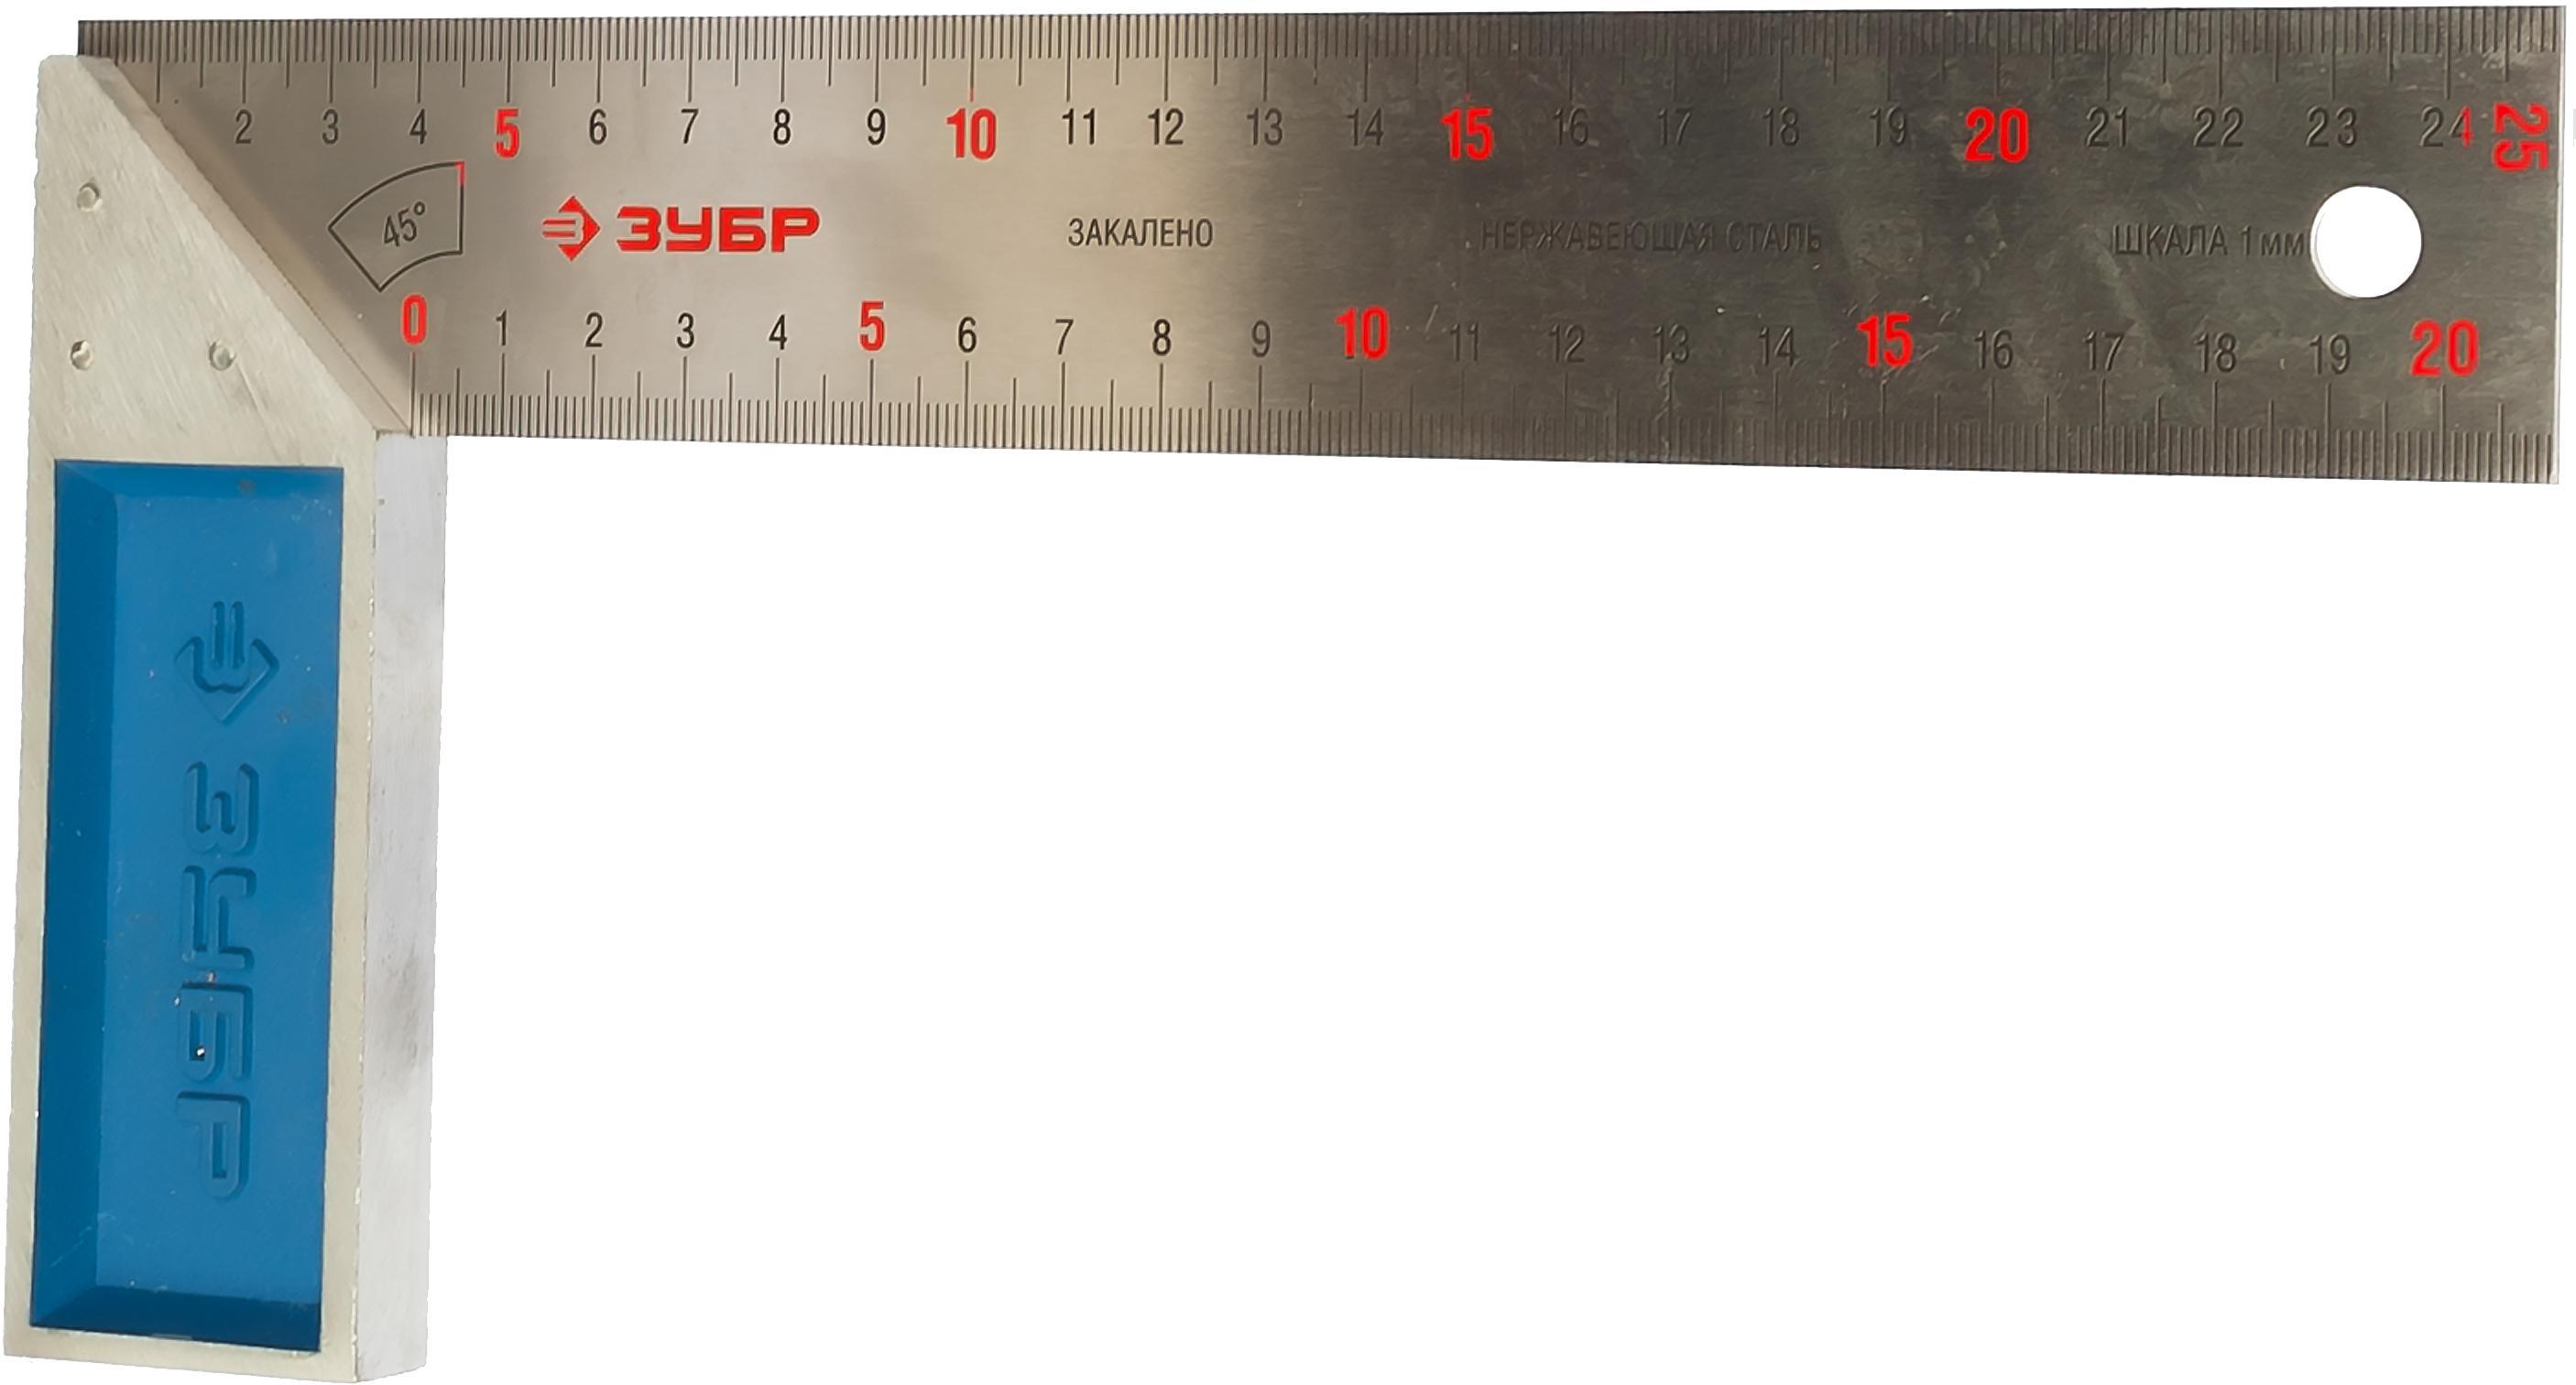 Угольник ЗУБР 34393-25 ЭКСПЕРТ стенд для двигателя зубр эксперт 43030 04